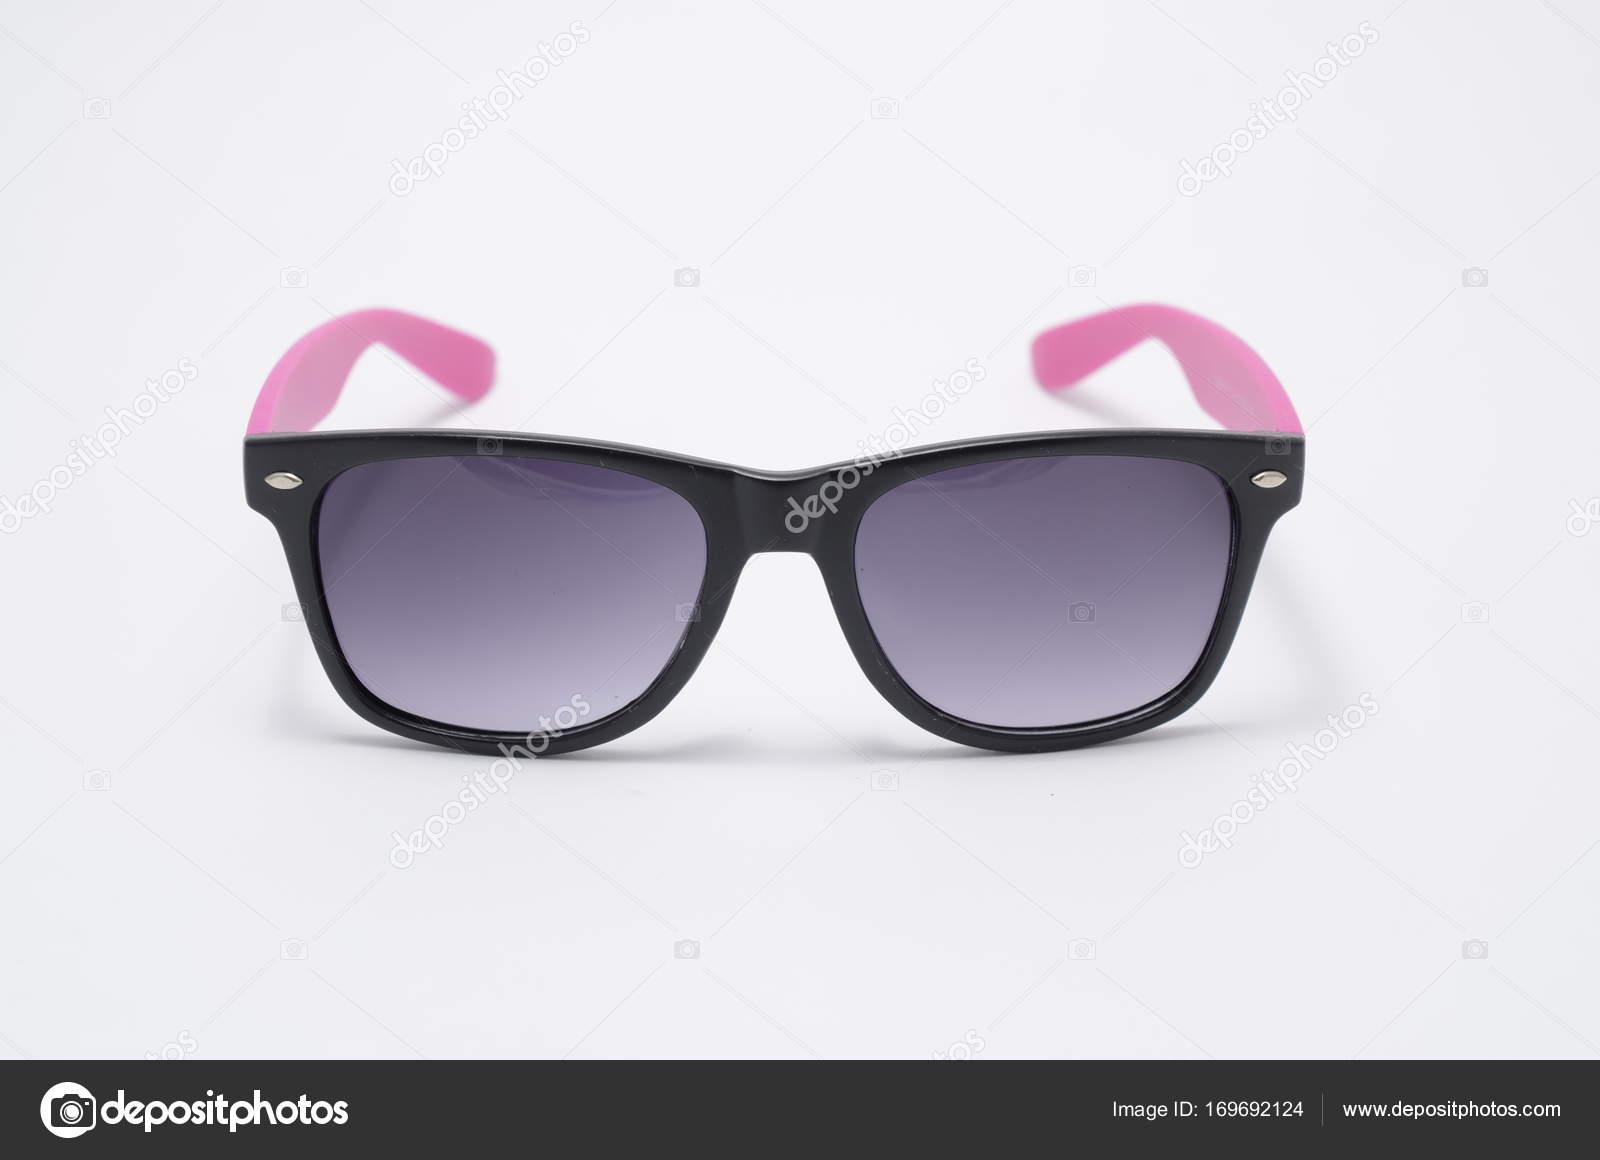 gafas de sol en marco de plástico negro grueso aislado en blanco ...